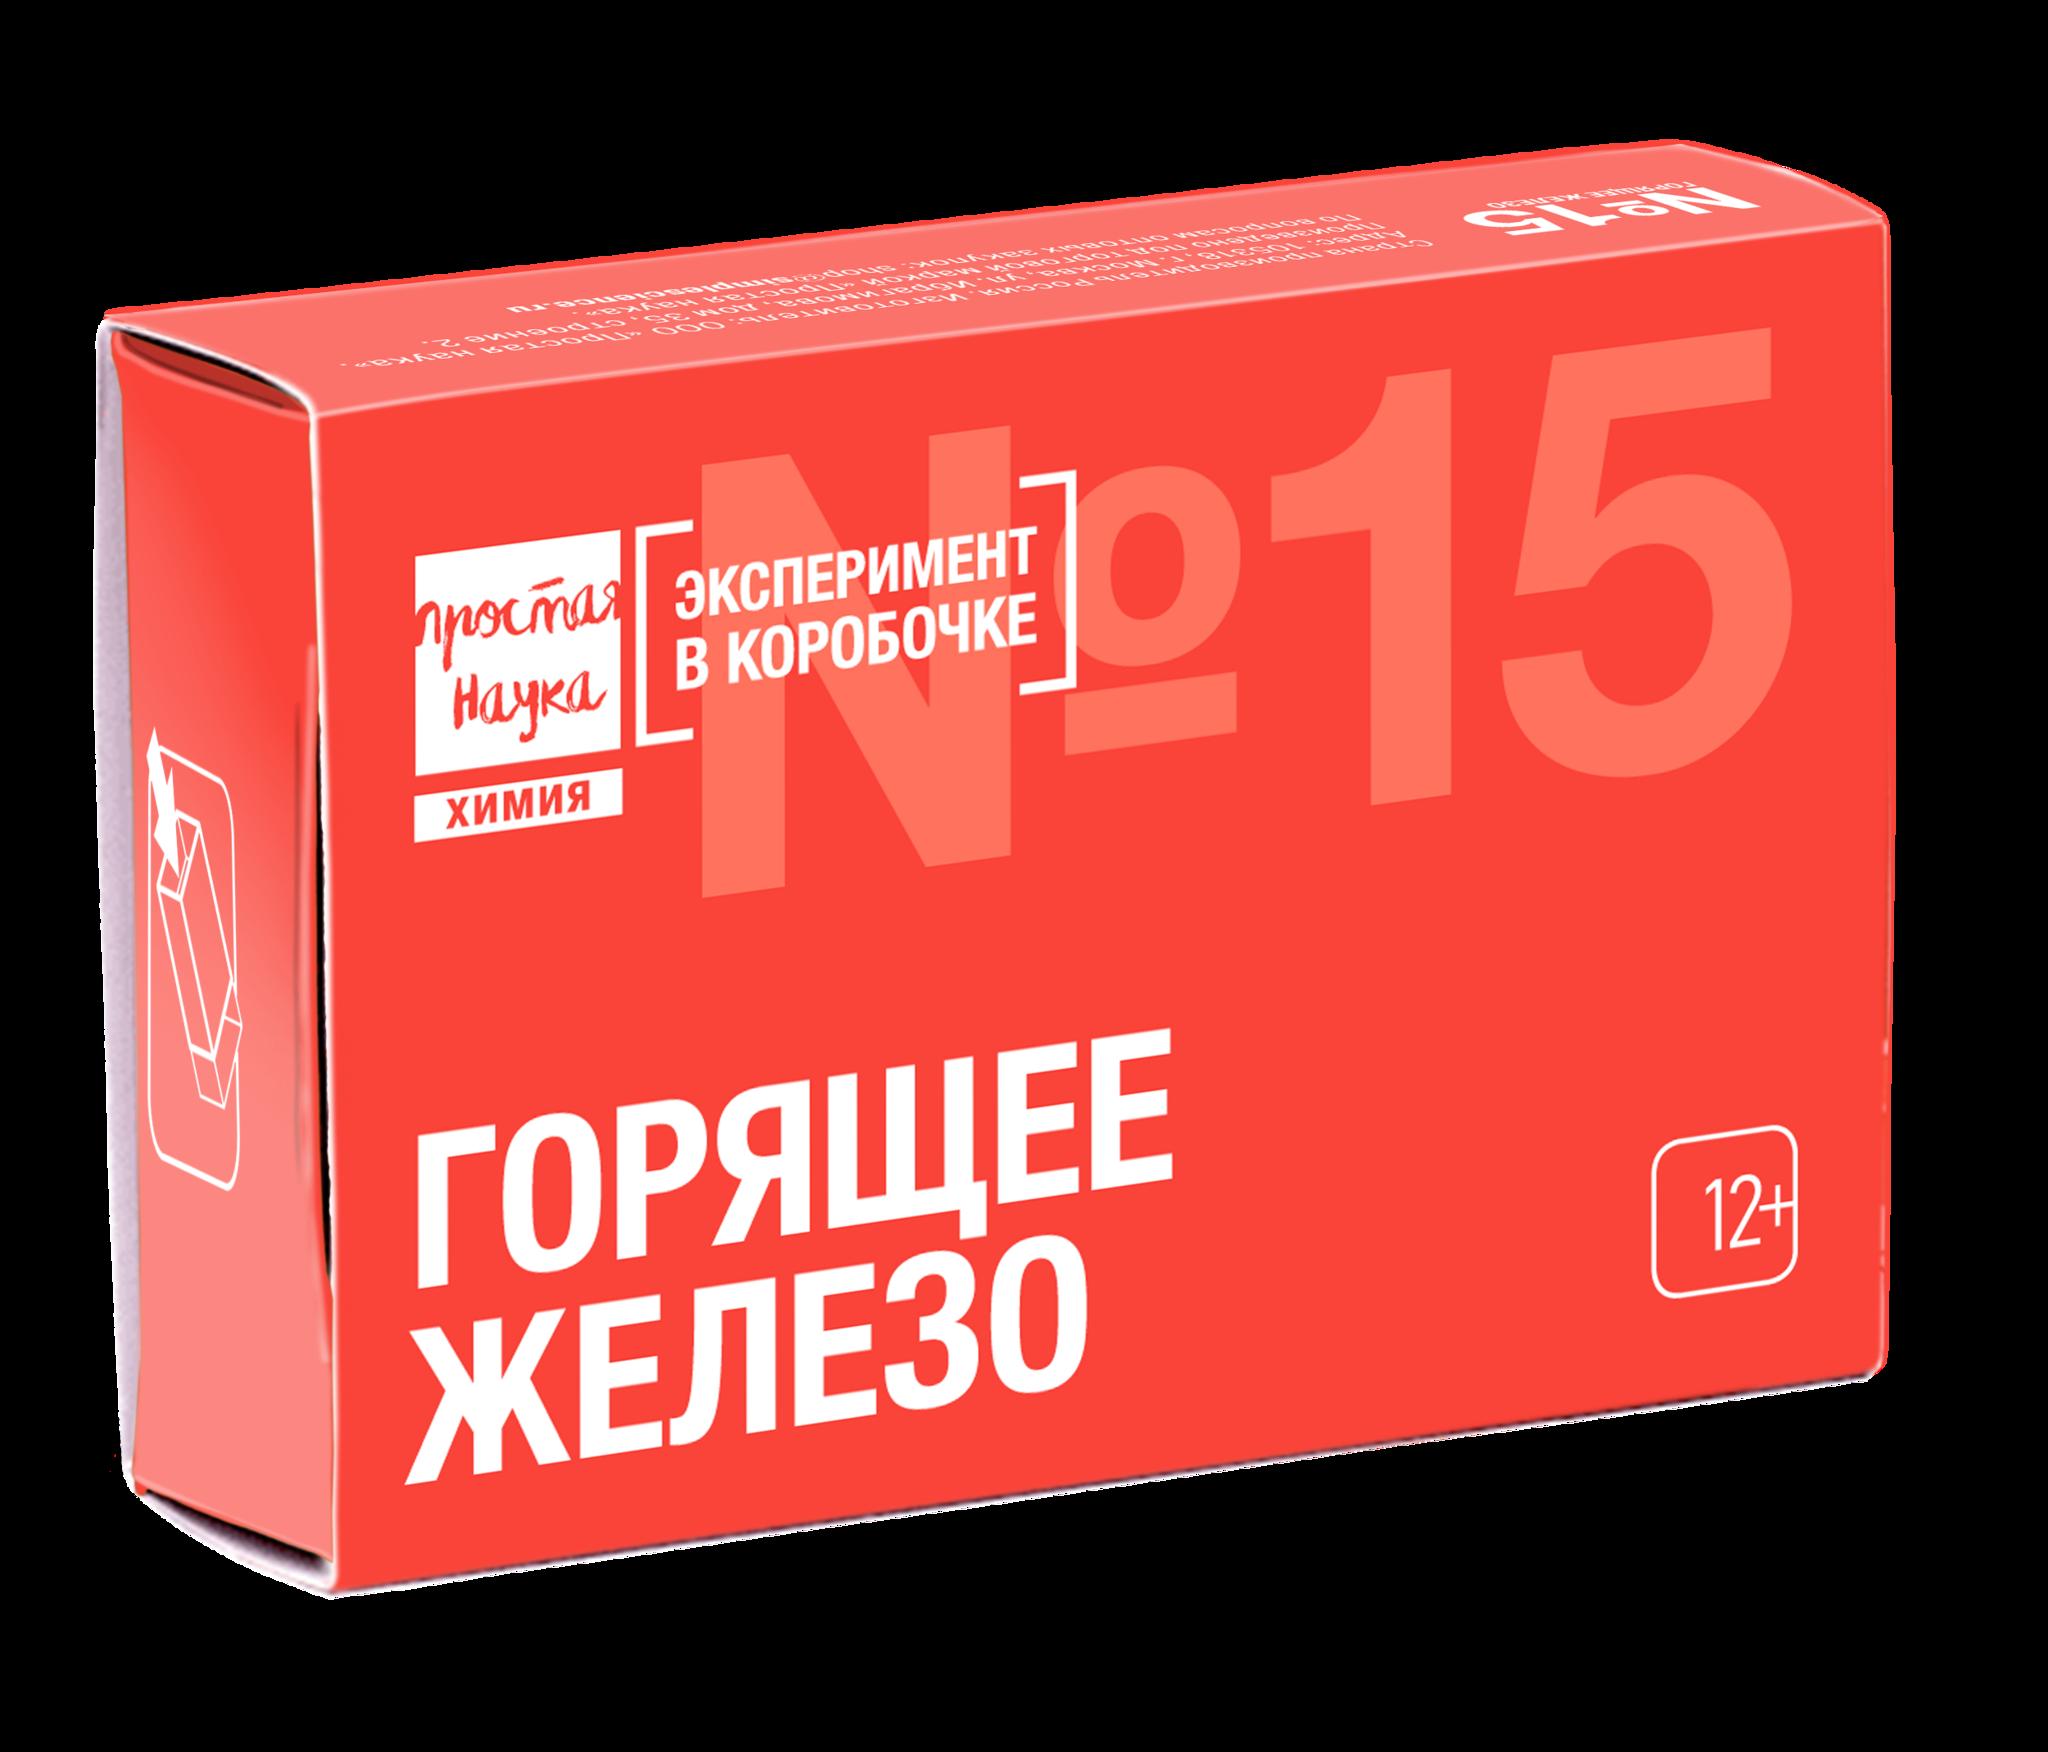 Набор №15 - Горящее железо - Эксперимент в коробочке - Простая Наука